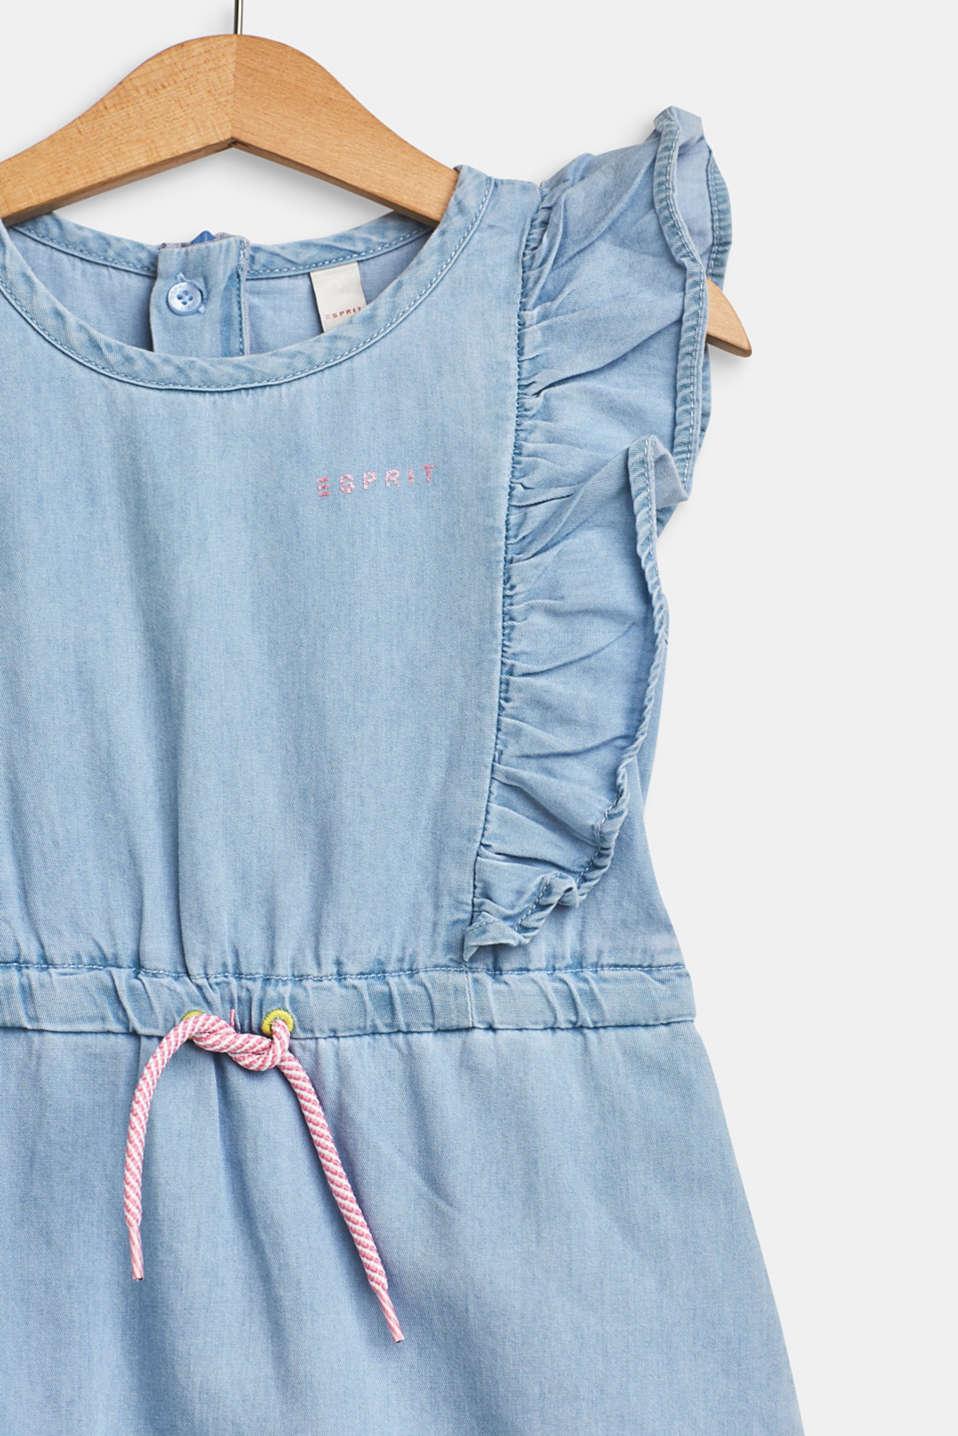 Dresses denim, LCBLEACHED DENIM, detail image number 2